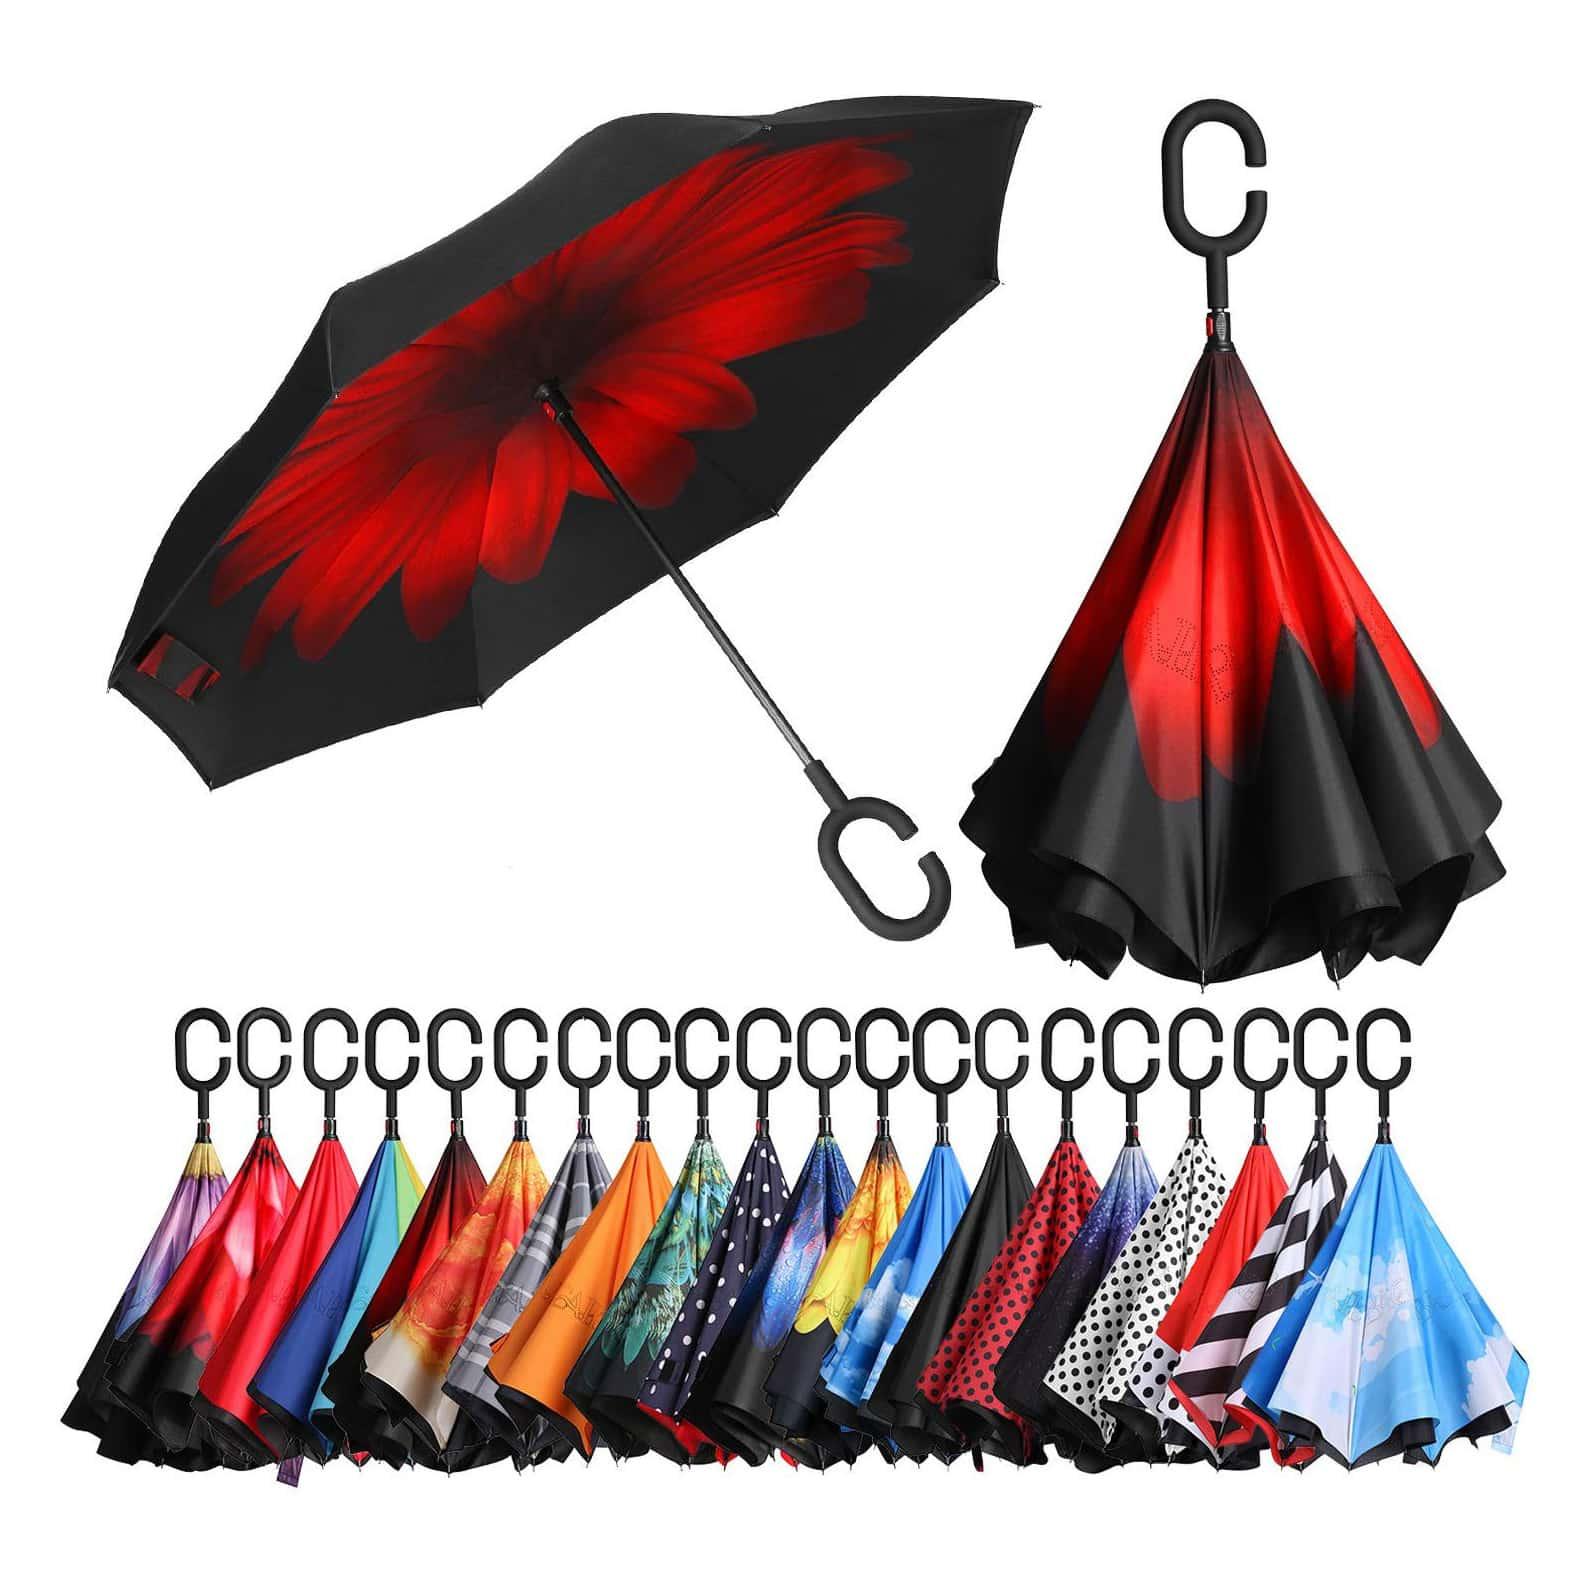 Bagail Inverted Dual Layer Umbrella